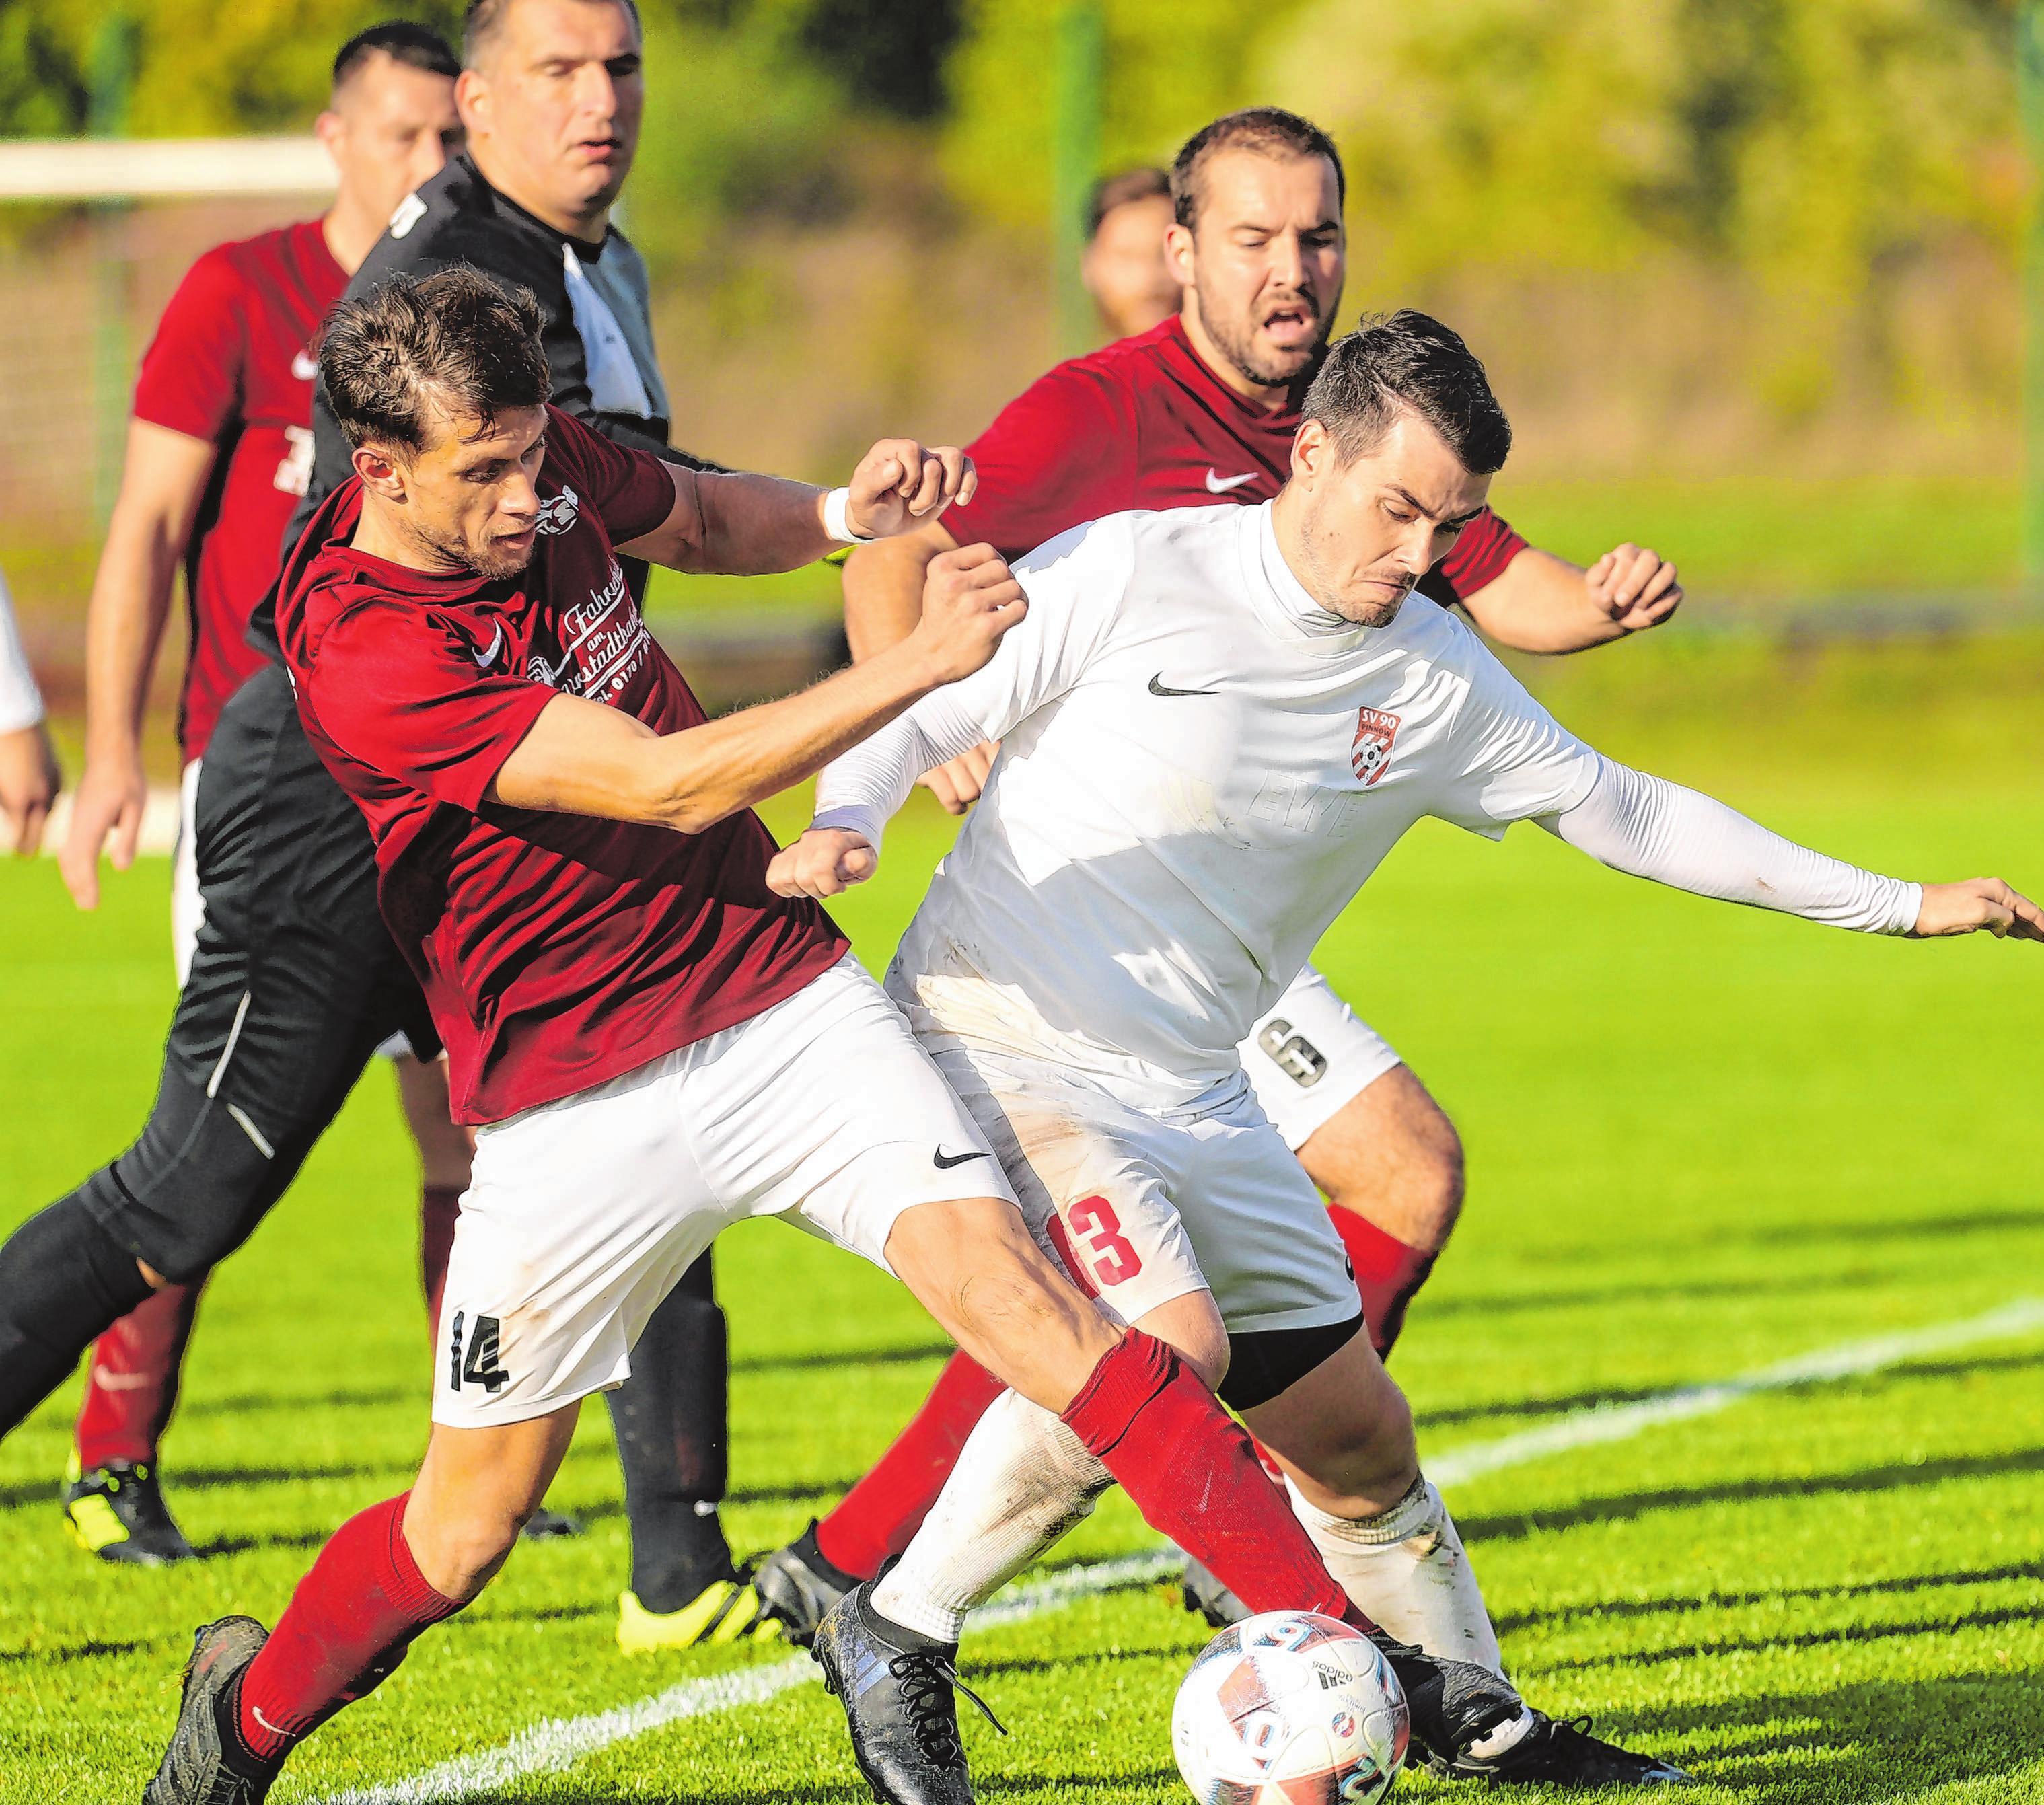 Für den Liga-Ersten SV Boitzenburg, der nicht höherklassig spielen will, nutzten die Pinnower die Aufstiegschance zur Landesklasse (Foto: Szene aus der Partie gegeneinander).